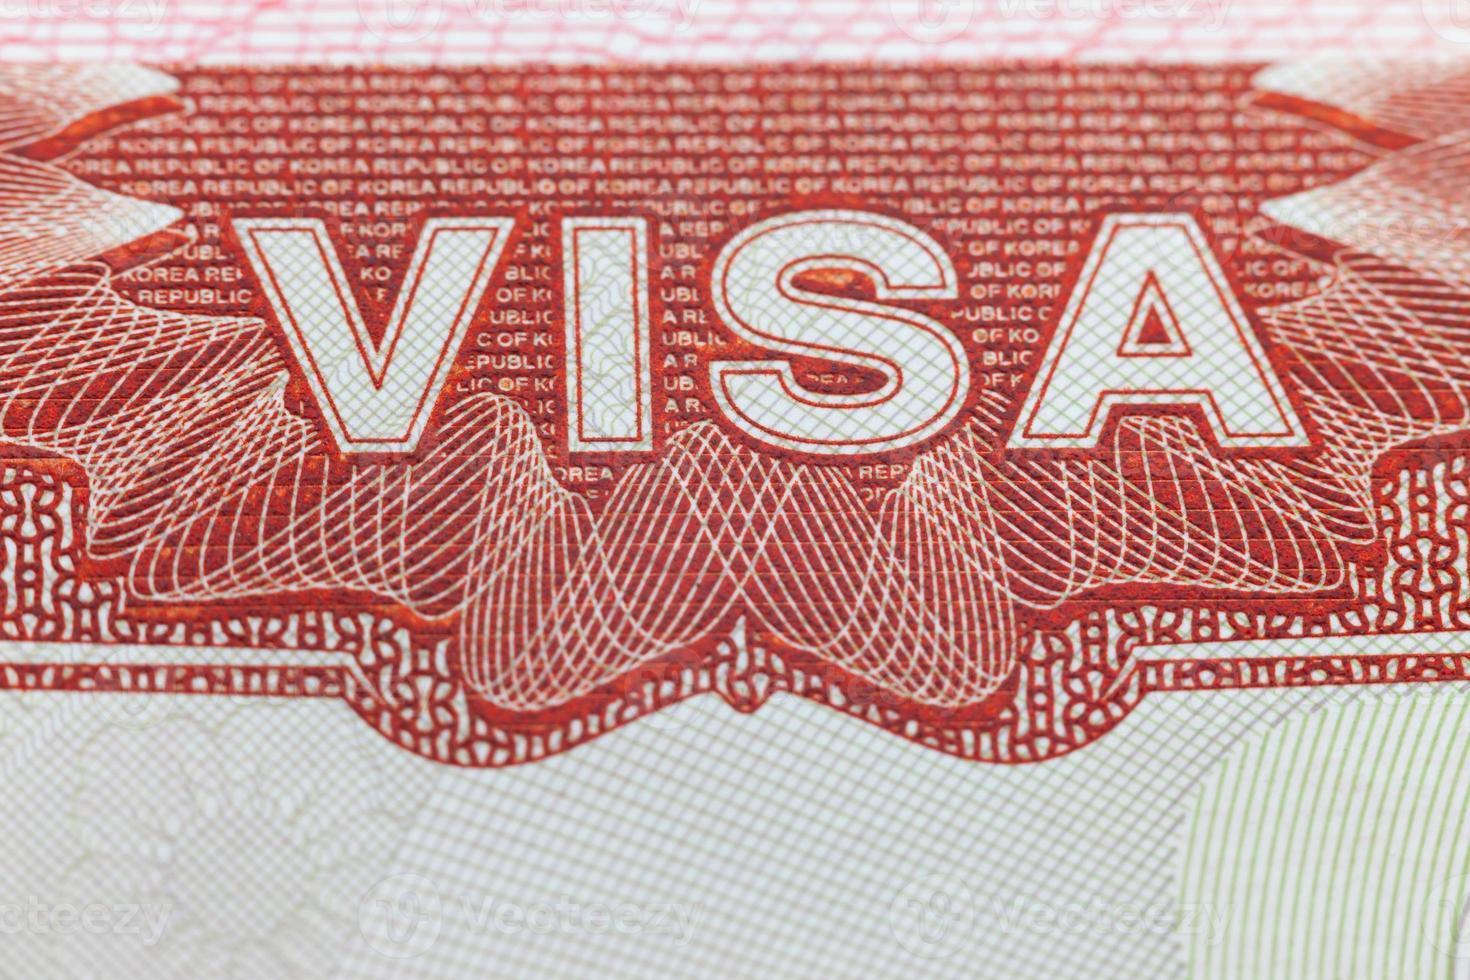 visto de estrangeiro em uma página de passaporte - aproveite o histórico de viagens foto